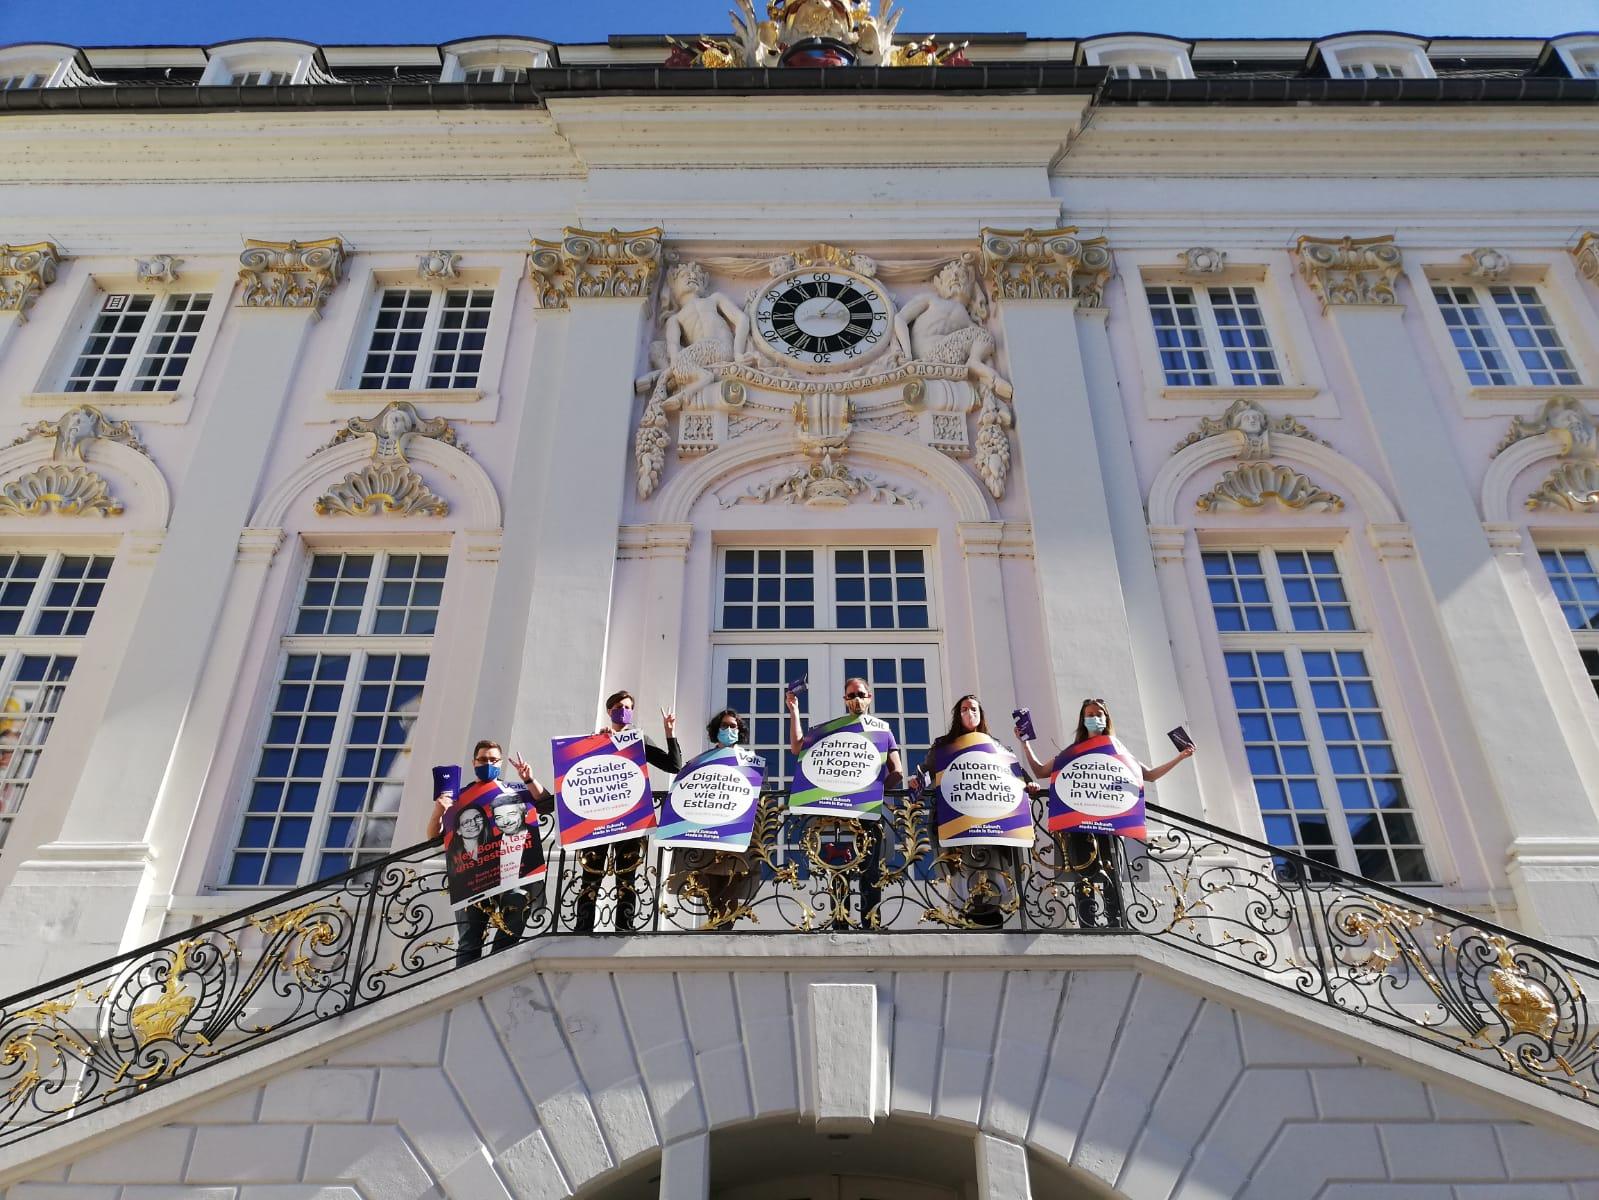 """Sechs Volter*innen stehen auf der Treppe zum Rathaus in Bonn. Sie tragen Umhängeschilder von Volt mit Aufschriften wie """"Sozialer Wohnungsbau wie in Wien?"""", """"Digitalisierung wie in Estland?"""", """"Autoarme Innenstadt wie in Madrid?"""" und """"Fahrrad fahren wie in Kopenhagen?"""""""